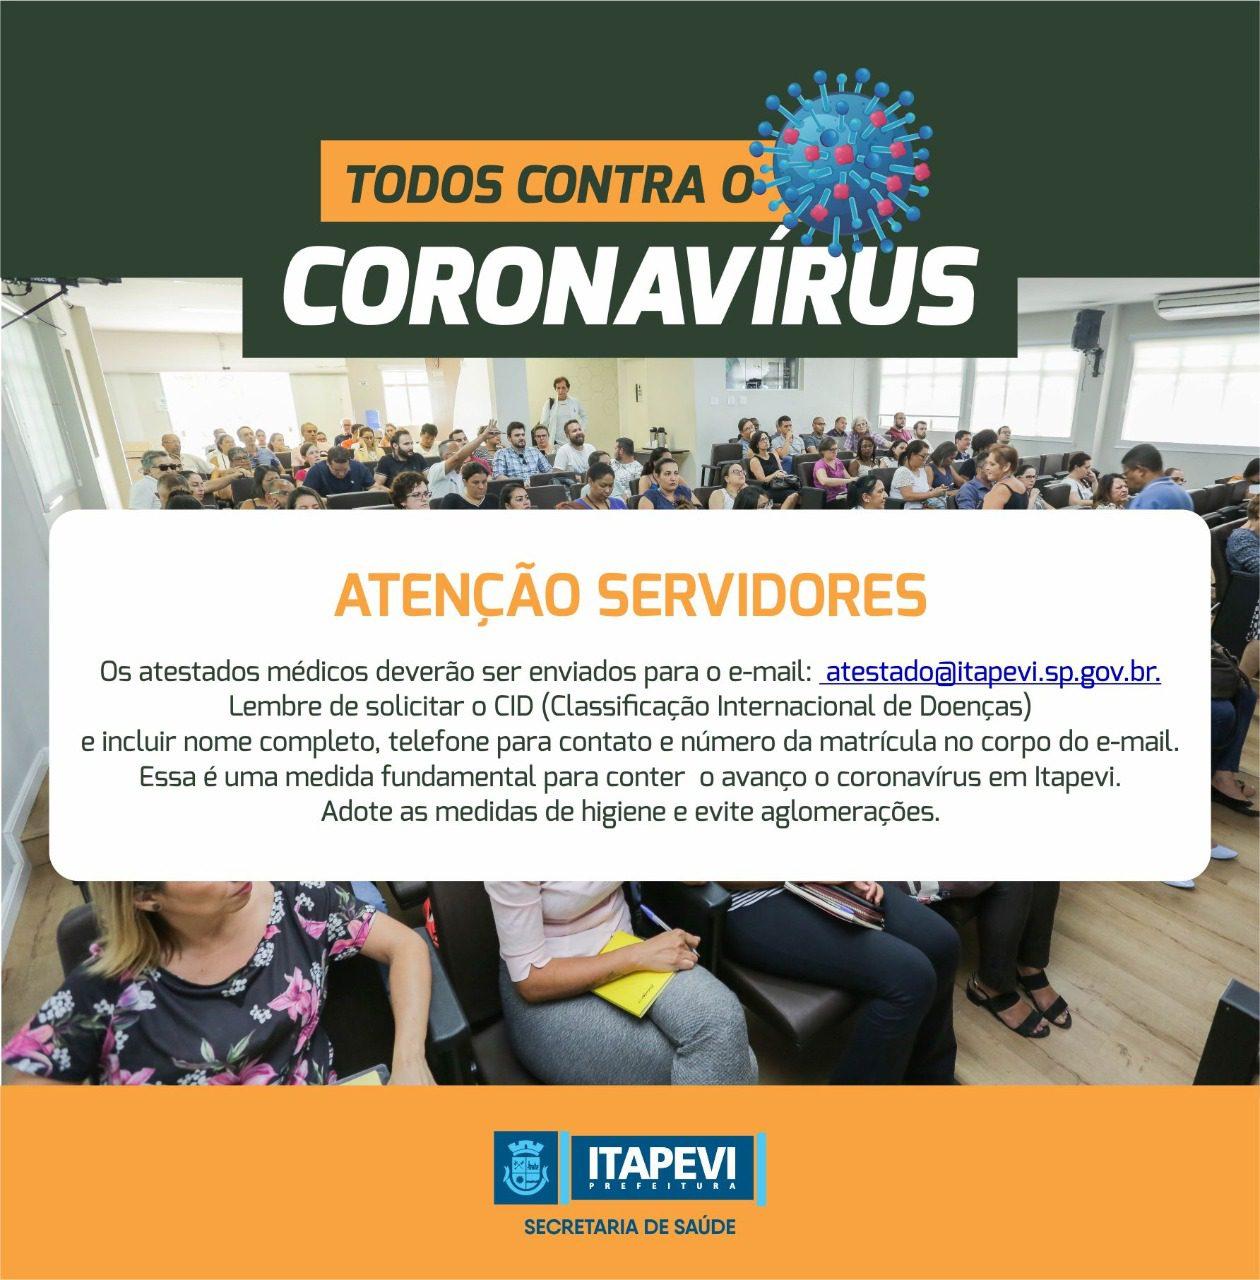 prefeitura-de-itapevi-todos-contra-o-coronavirus